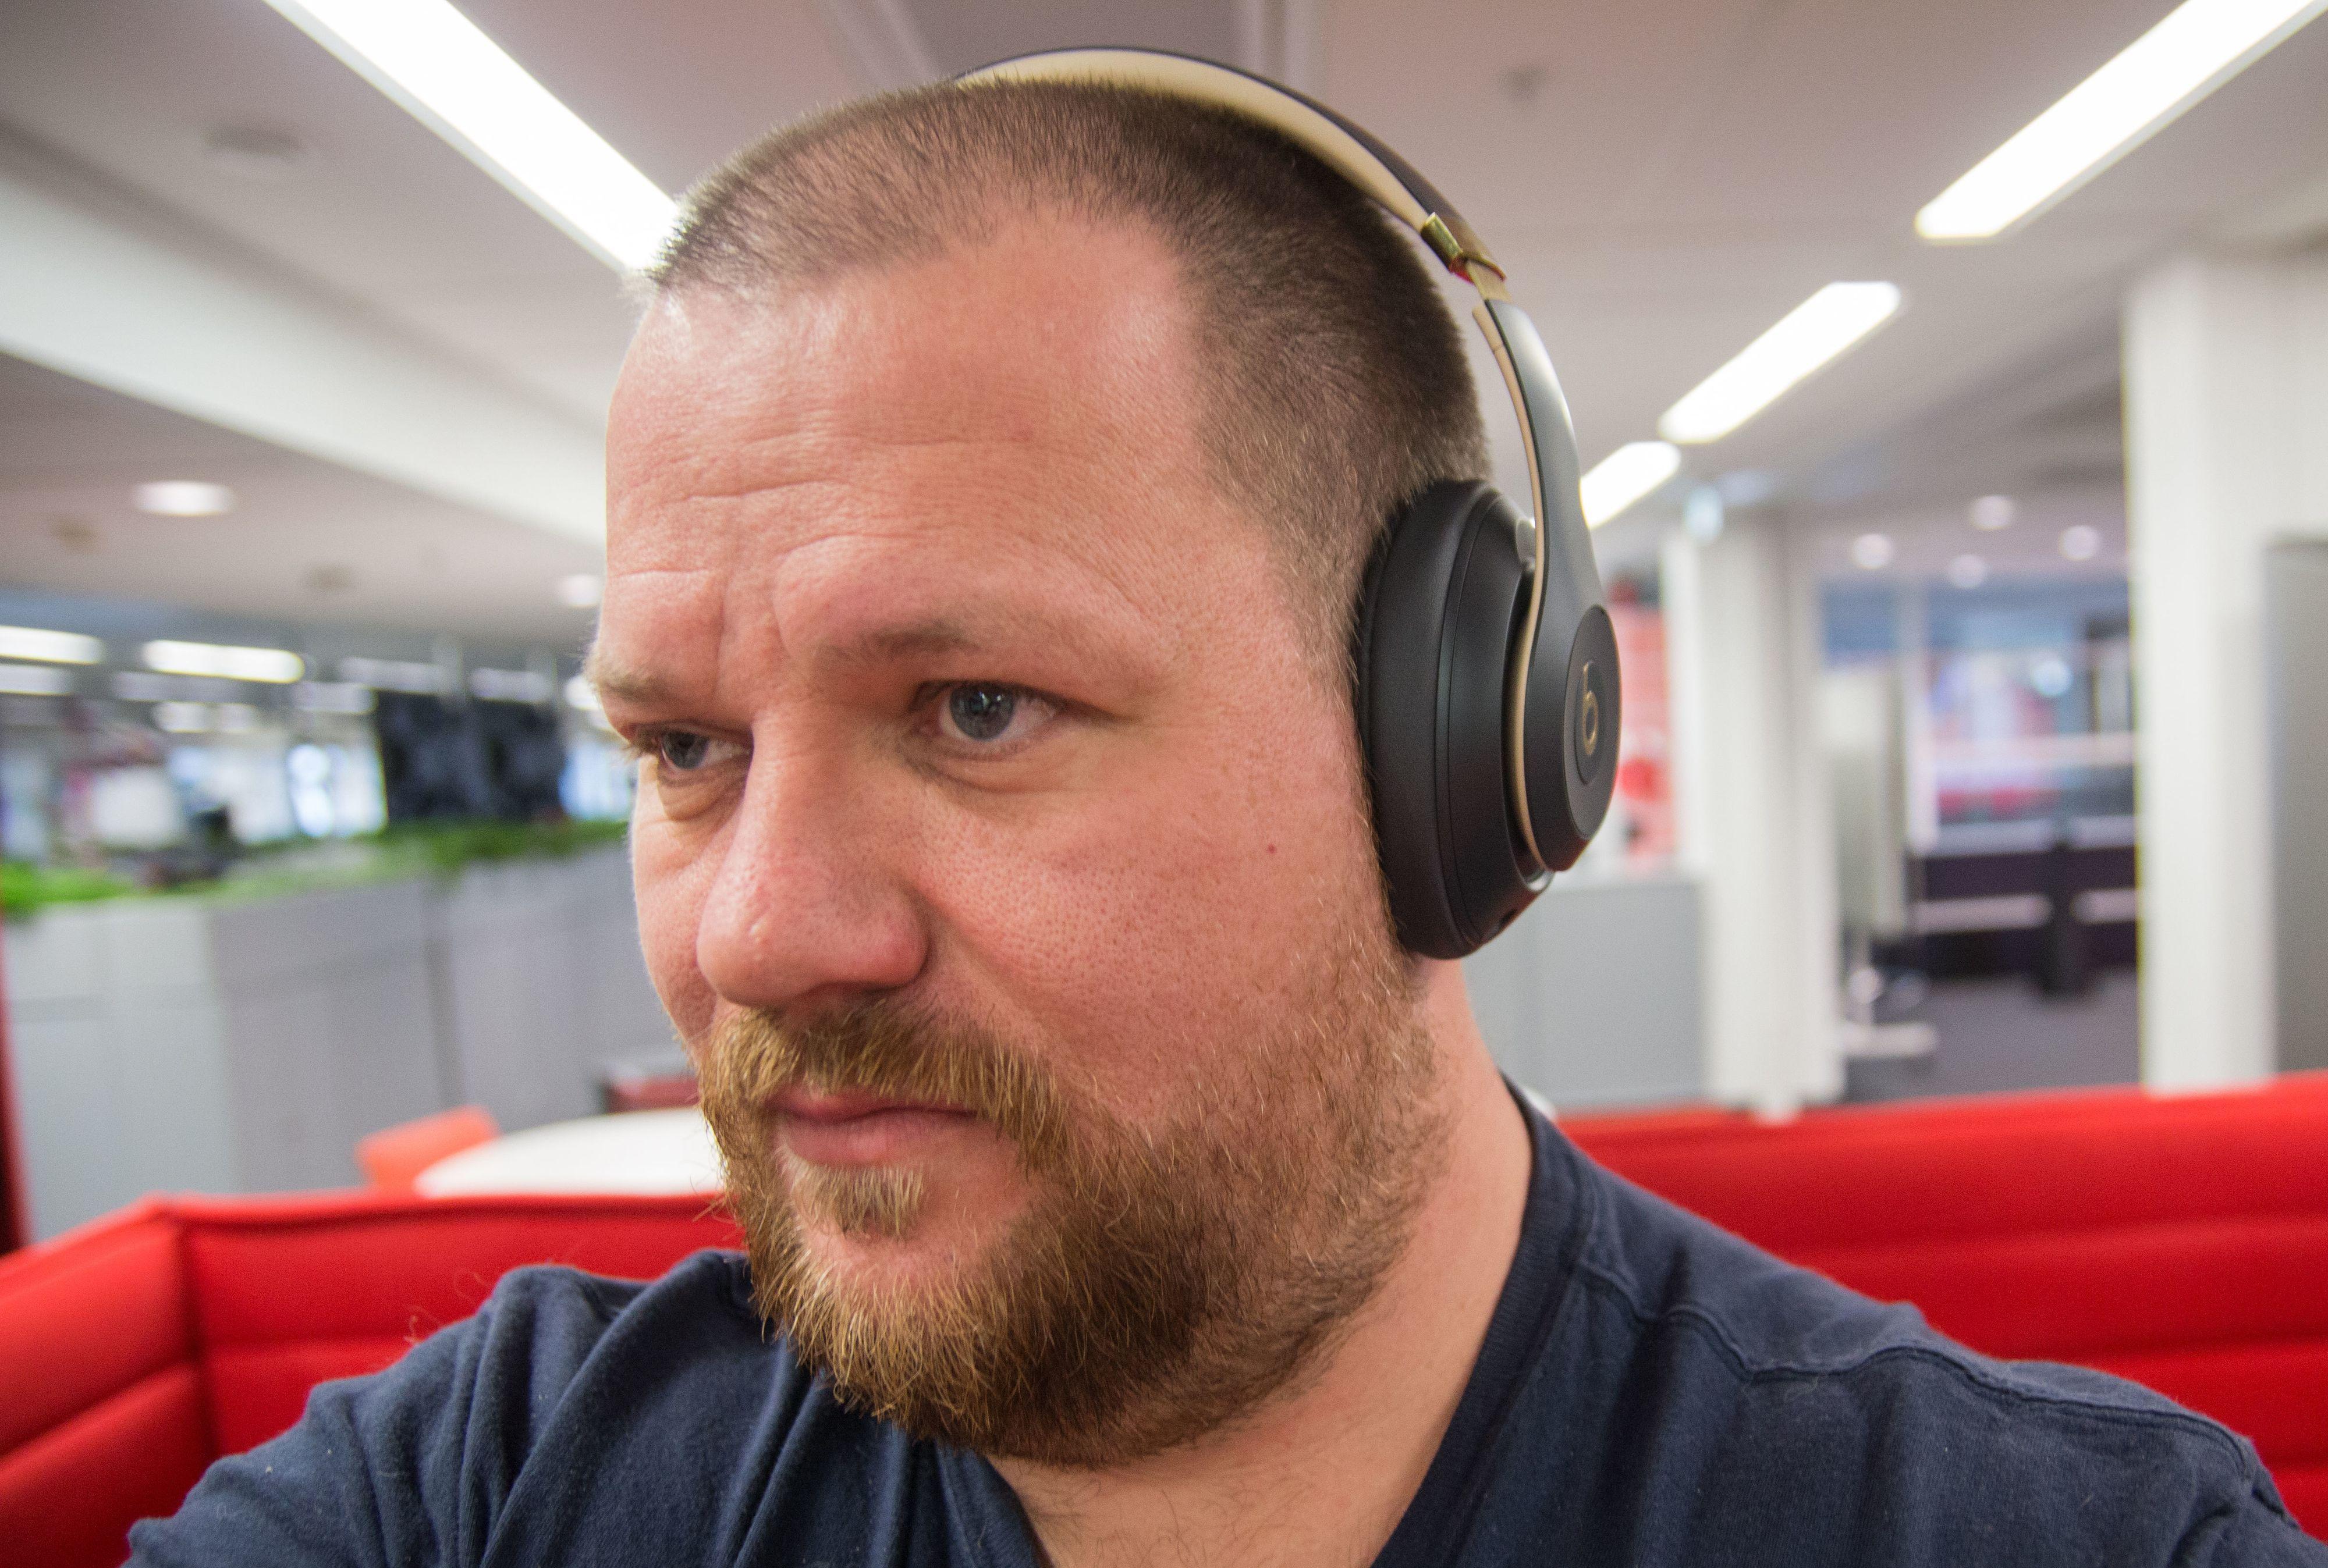 Øreklokkene har god komfort, men man blir litt klam på ørene over lengre perioder. Bilde: Ole Henrik Johansen / Tek.no